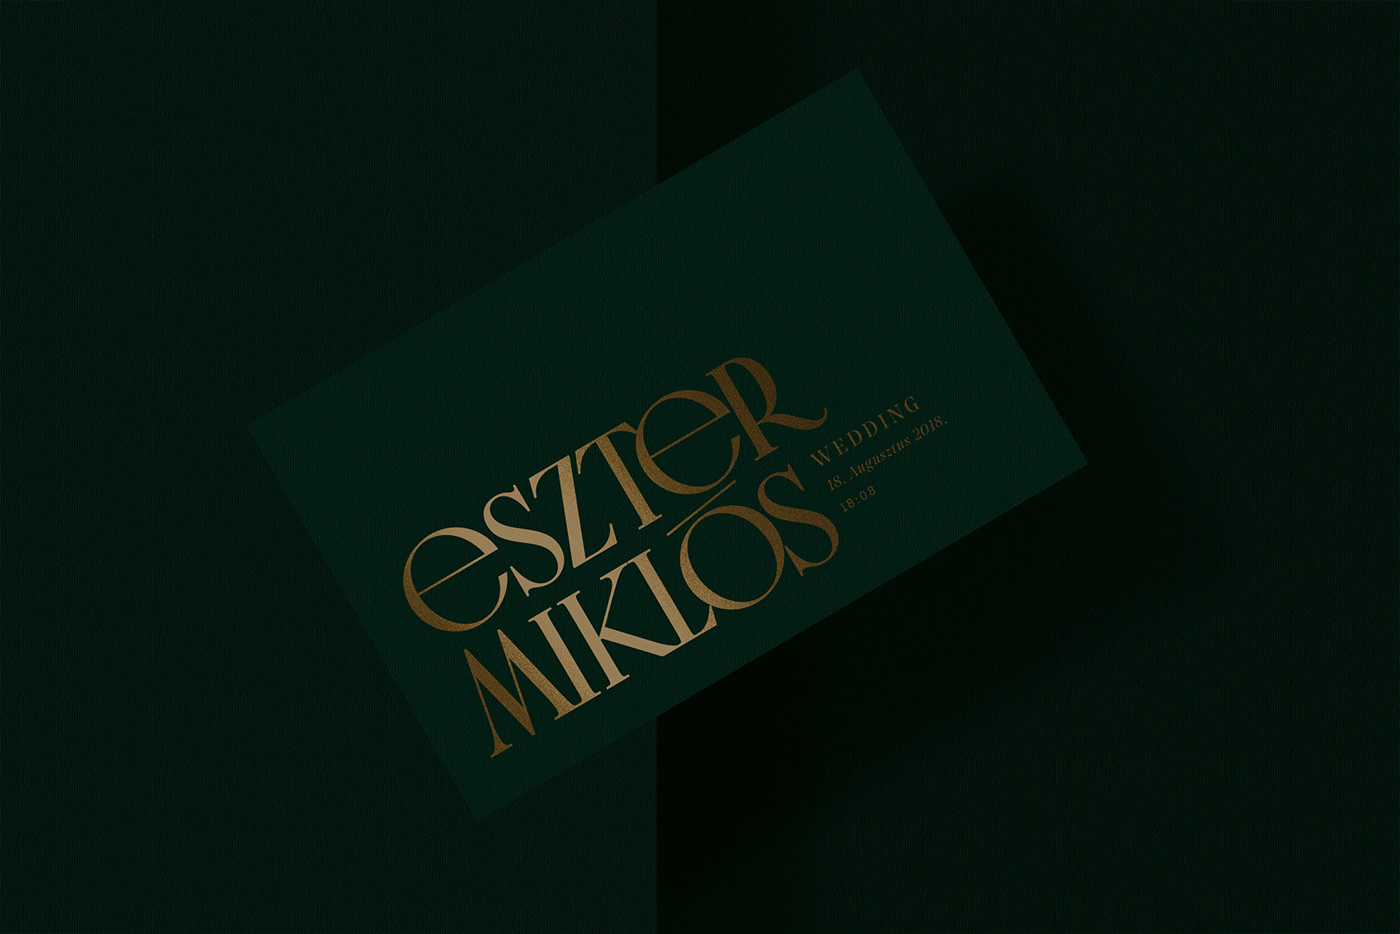 logo Logotype wedding identity Famous painting font design Exhibition  typedesign